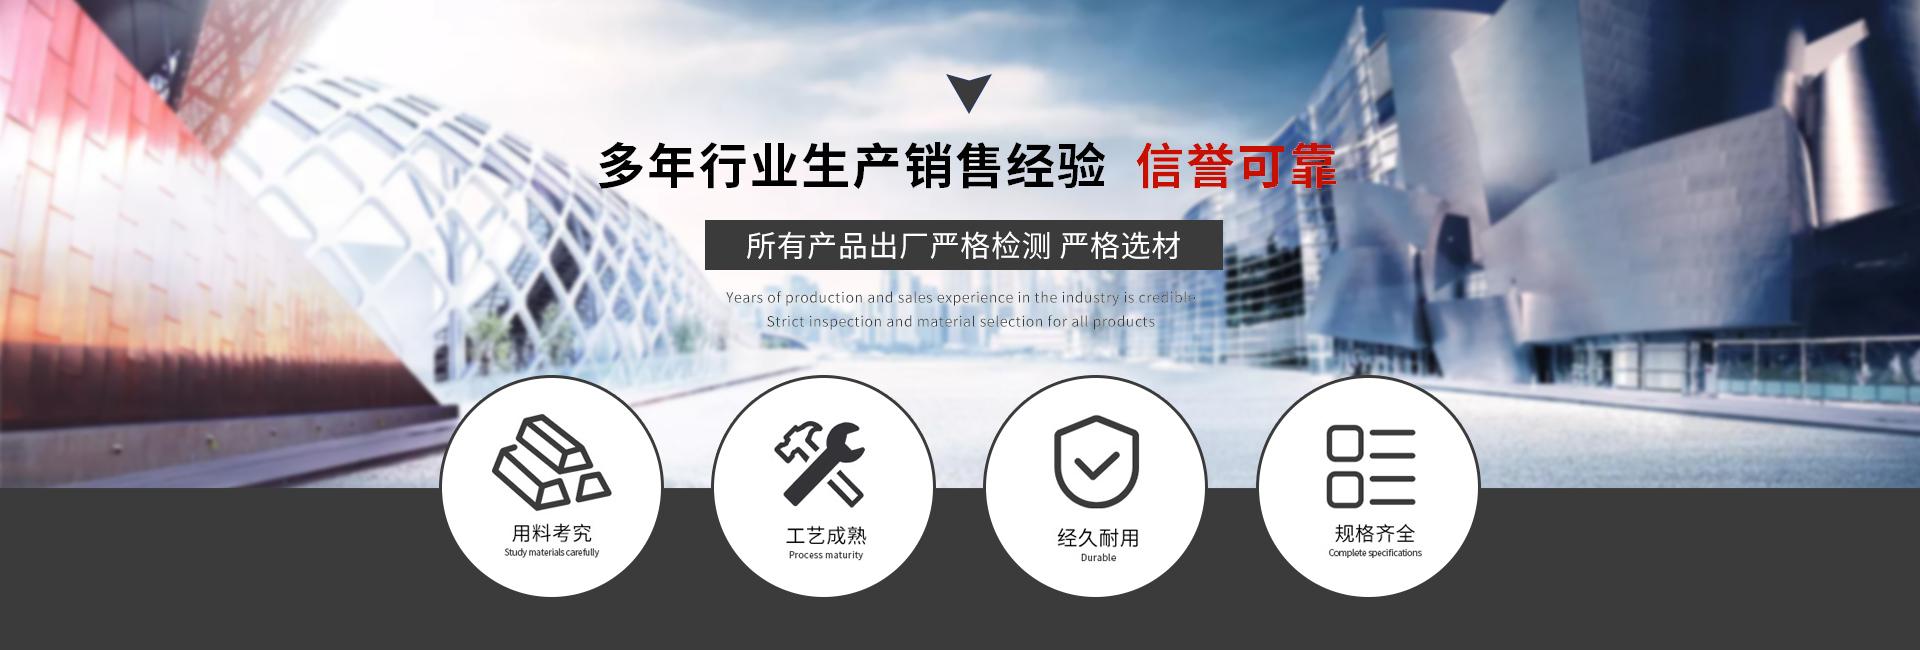 山东换暖betway必威精装app厂家